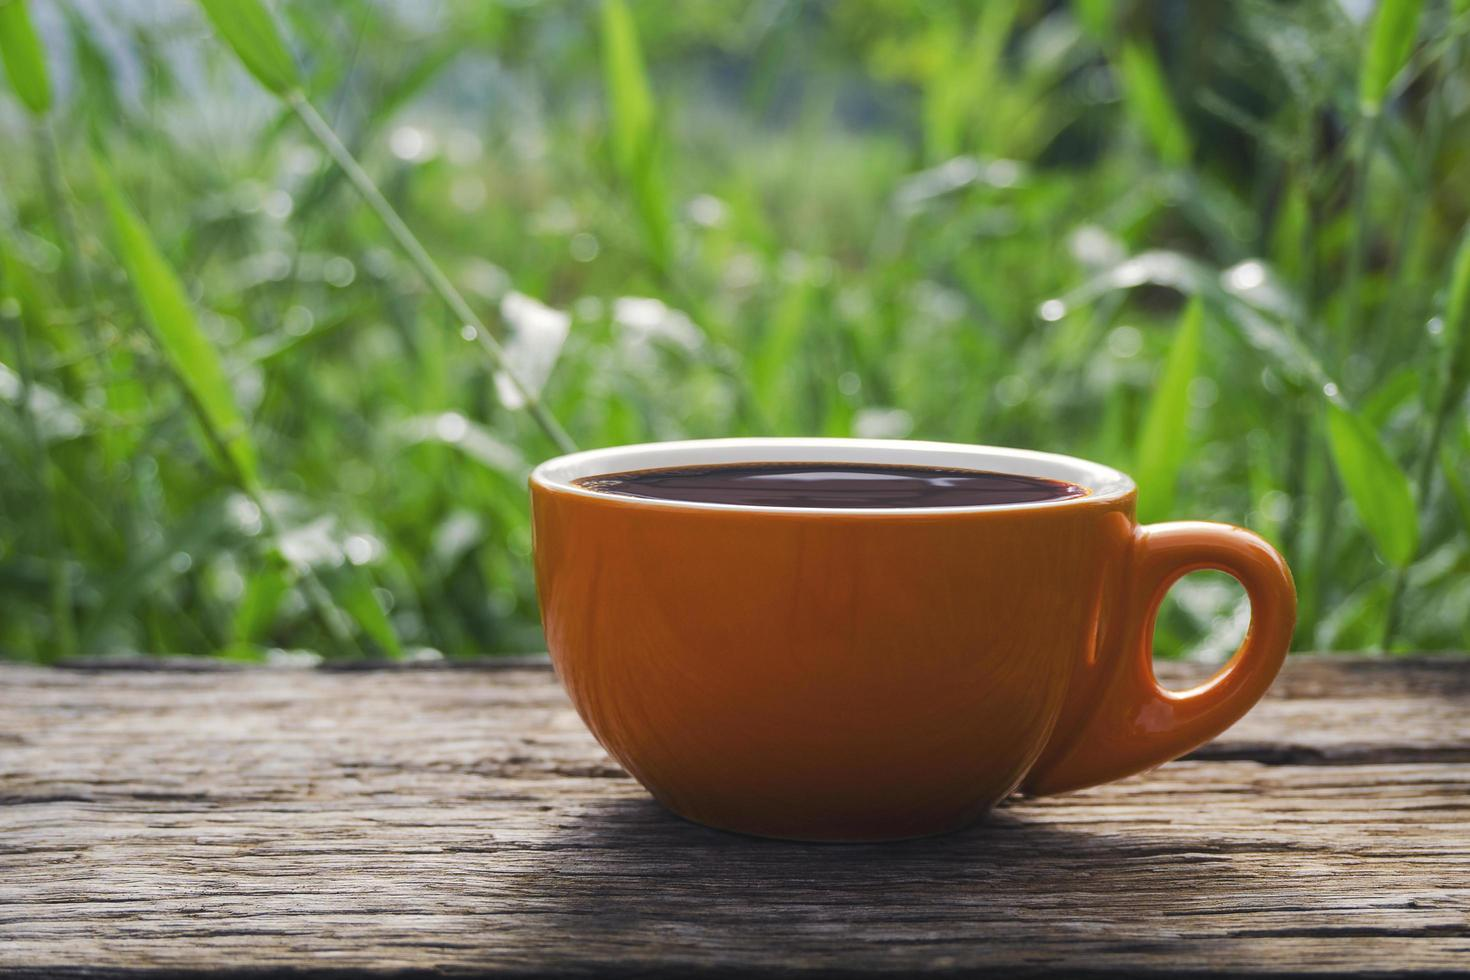 tazza di caffè arancione sul tavolo fuori foto